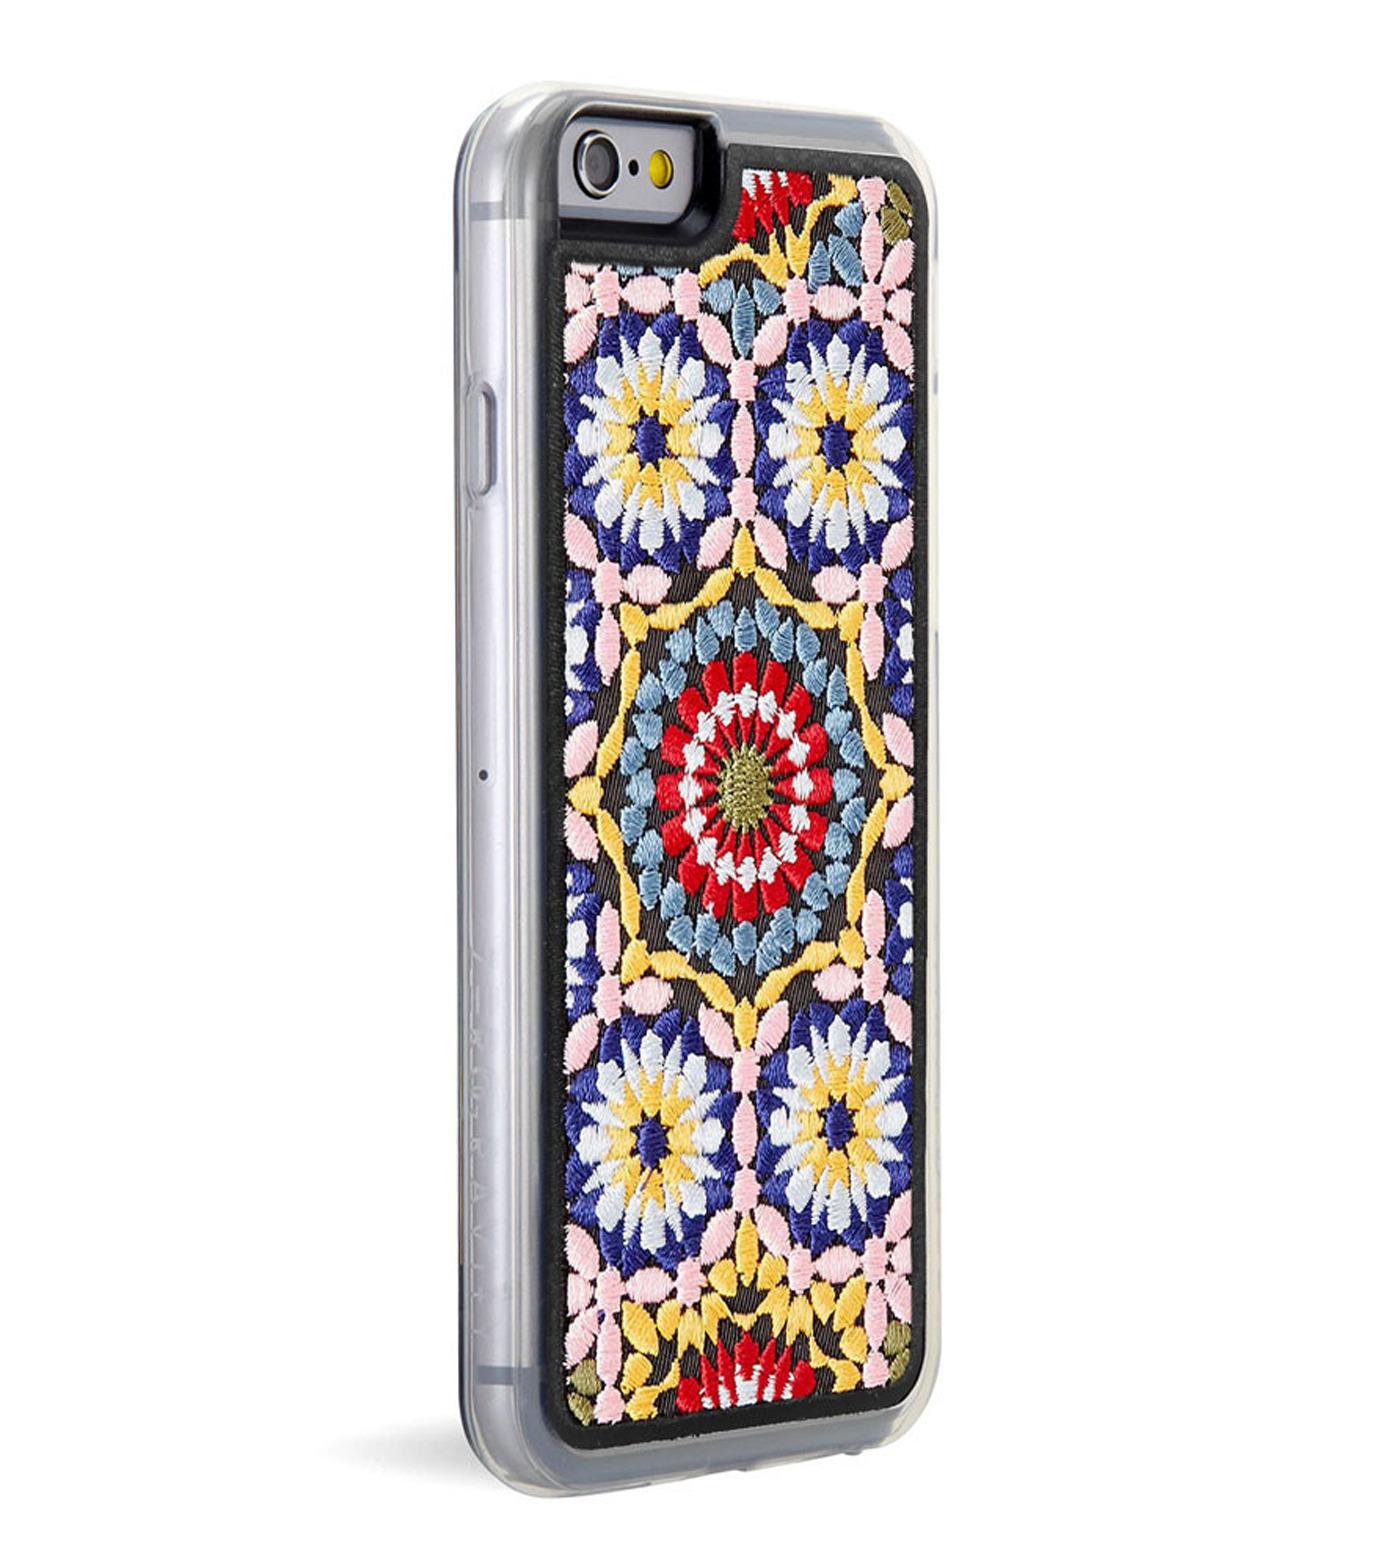 ZERO GRAVITY(ゼログラビティ)のCASBAH for 6/6S-BLACK(ケースiphone6/6s/case iphone6/6s)-CASBA6-13 拡大詳細画像2